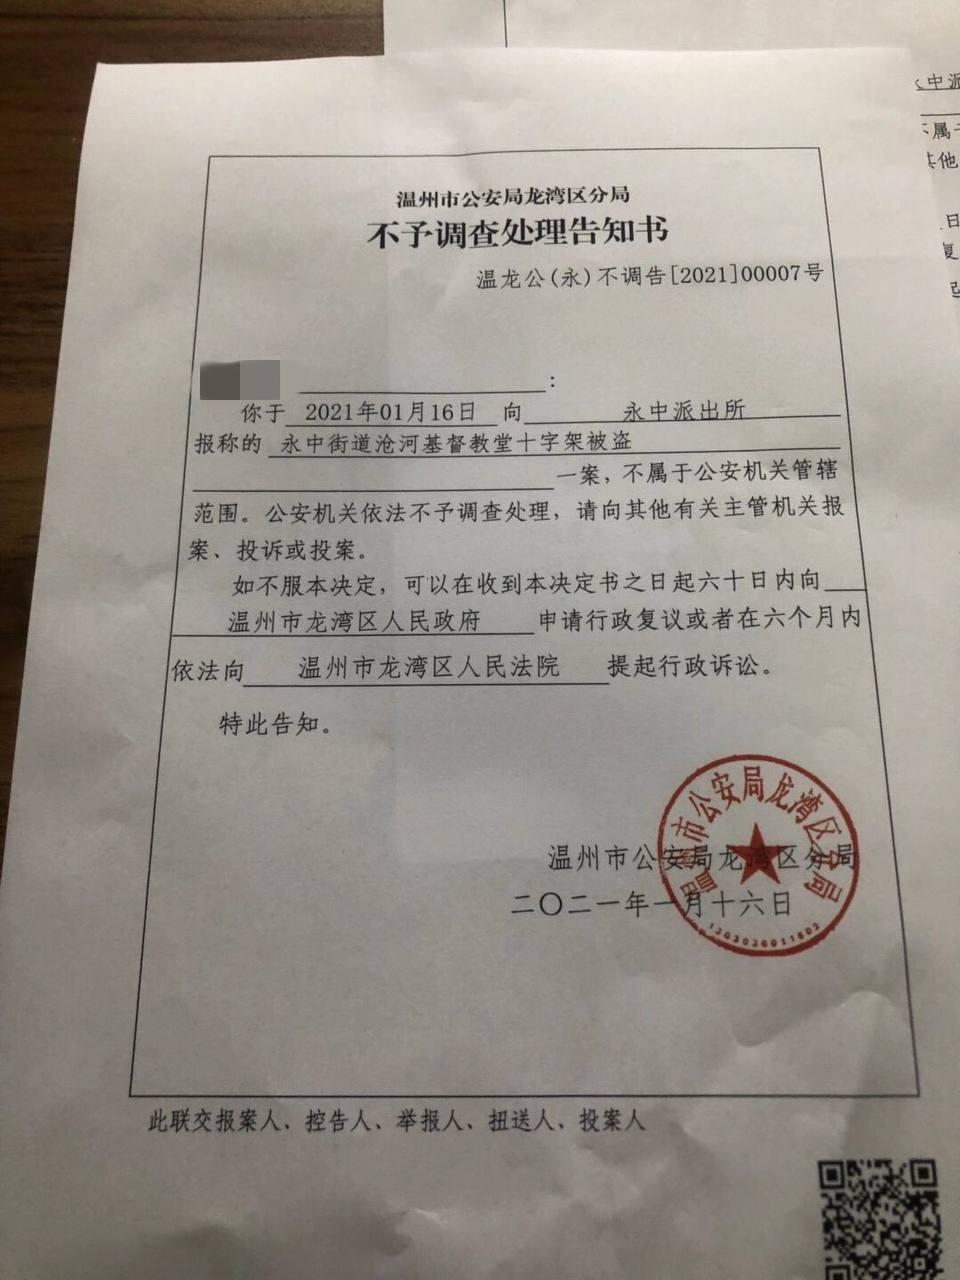 """2021年1月16日,溫州公安局龍灣分局就滄河教堂十字架""""被盜""""一案出具的《不予調查處理告知書》。(來自""""華人基督徒公義團契""""推特)"""